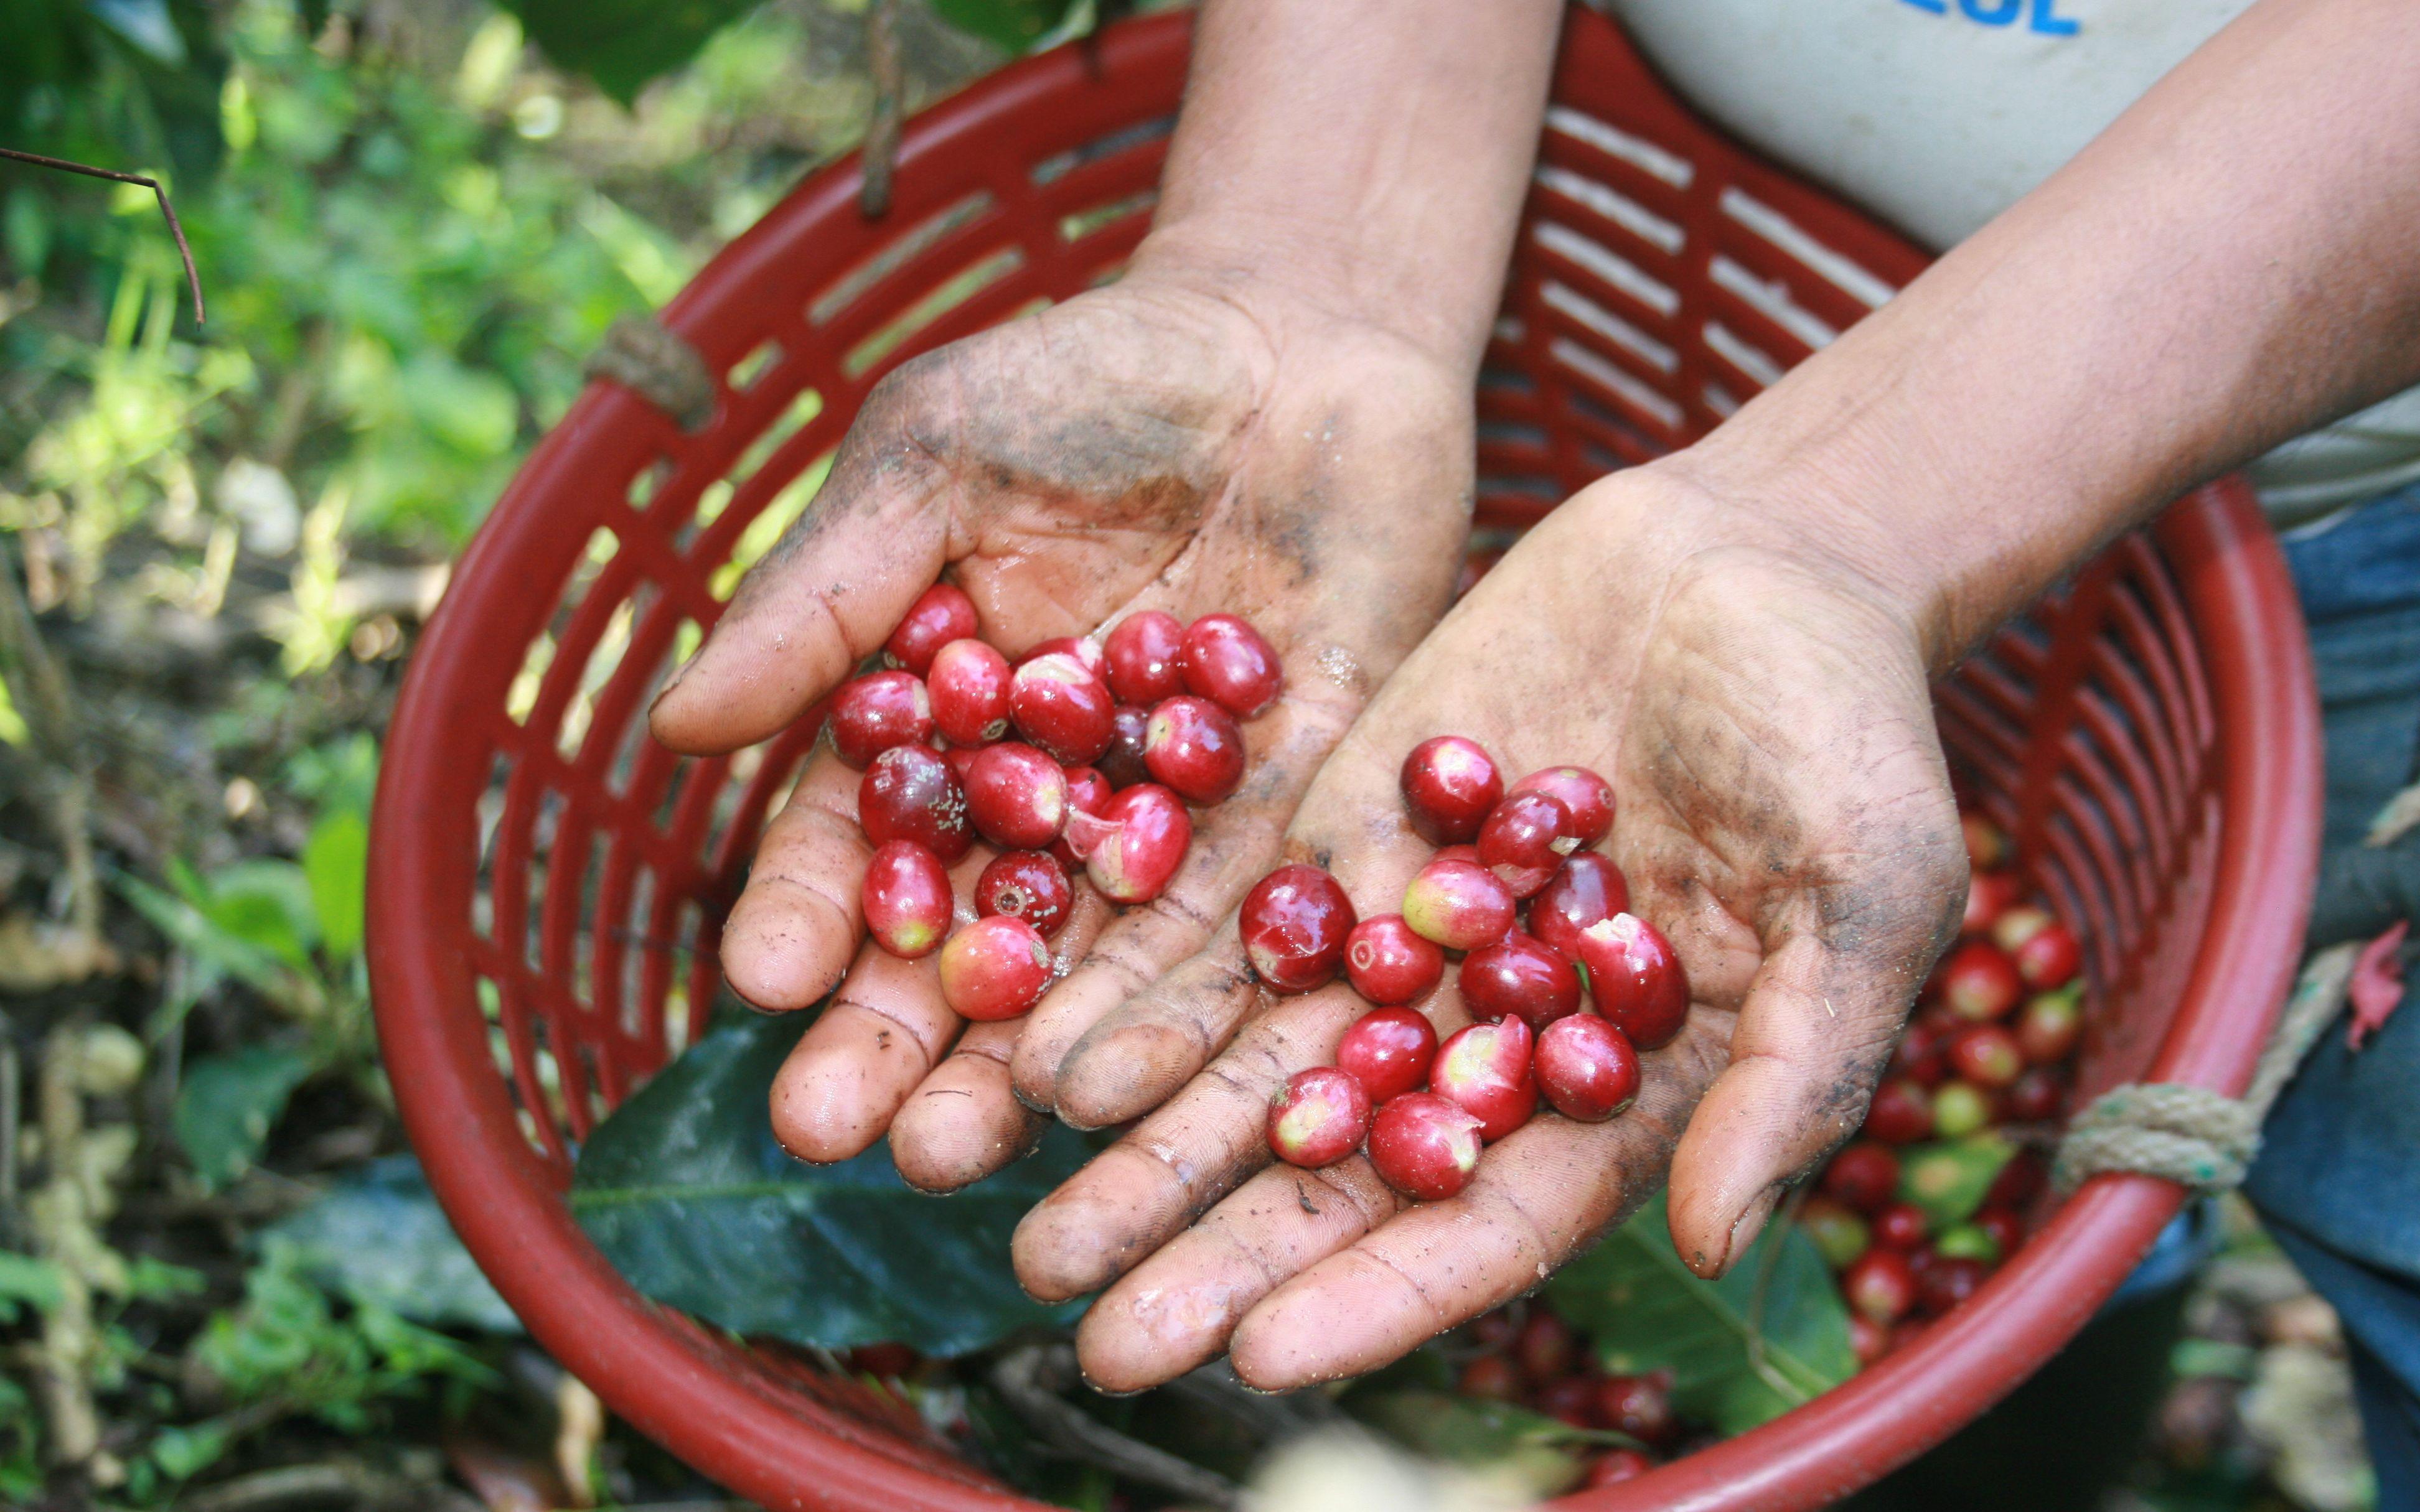 La crisis que enfrenta la cafeticultura está lejos de superarse. http://noticiasdechiapas.com.mx/nota.php?id=82155